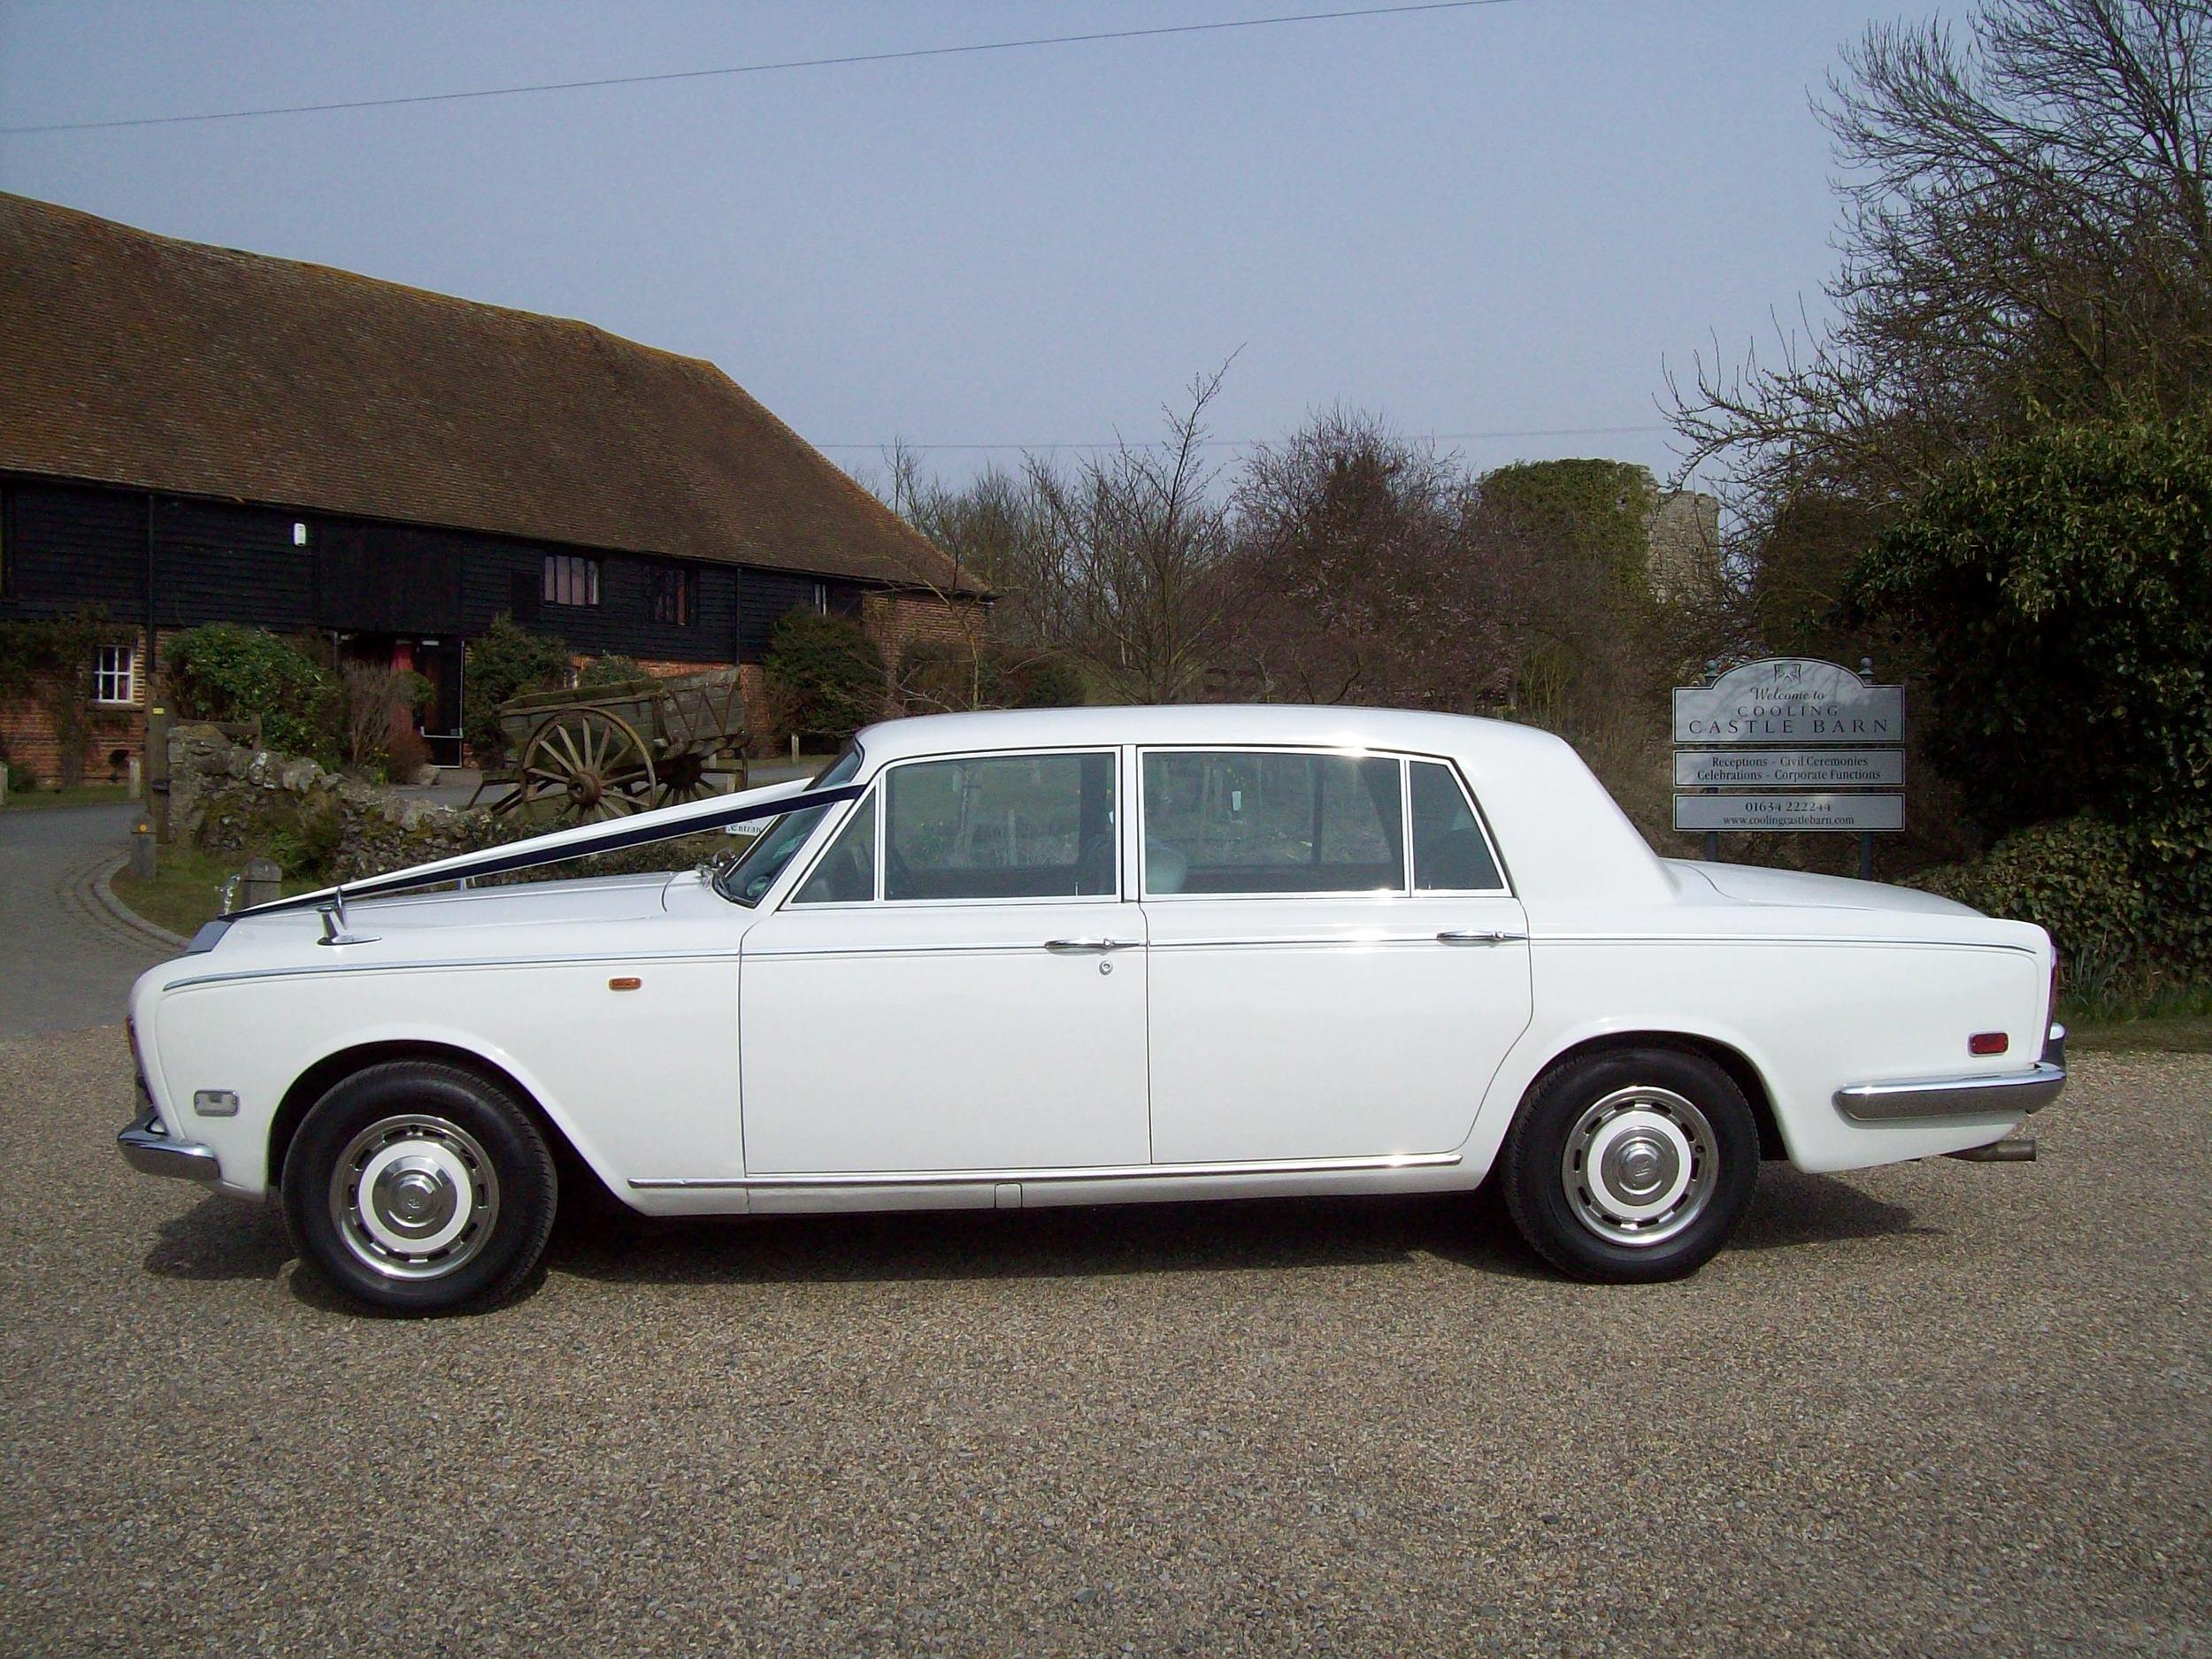 White Rolls Royce Silver Shadow Long wheel base